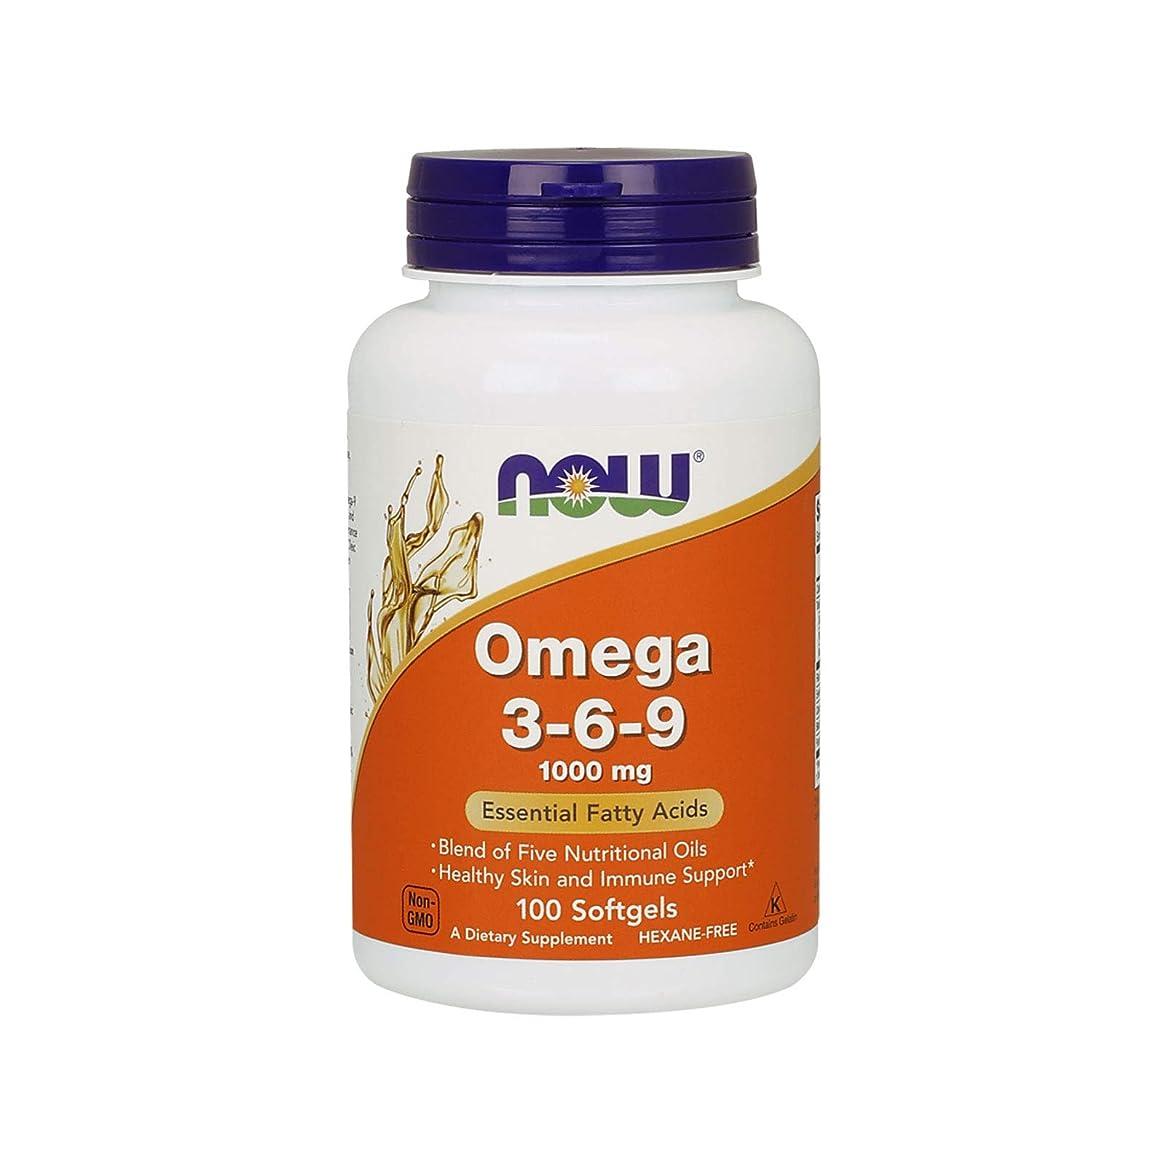 原告選挙新鮮な[海外直送品] ナウフーズ 植物性オメガ3?6?9脂肪酸 1000mg(必須脂肪酸ミックス)